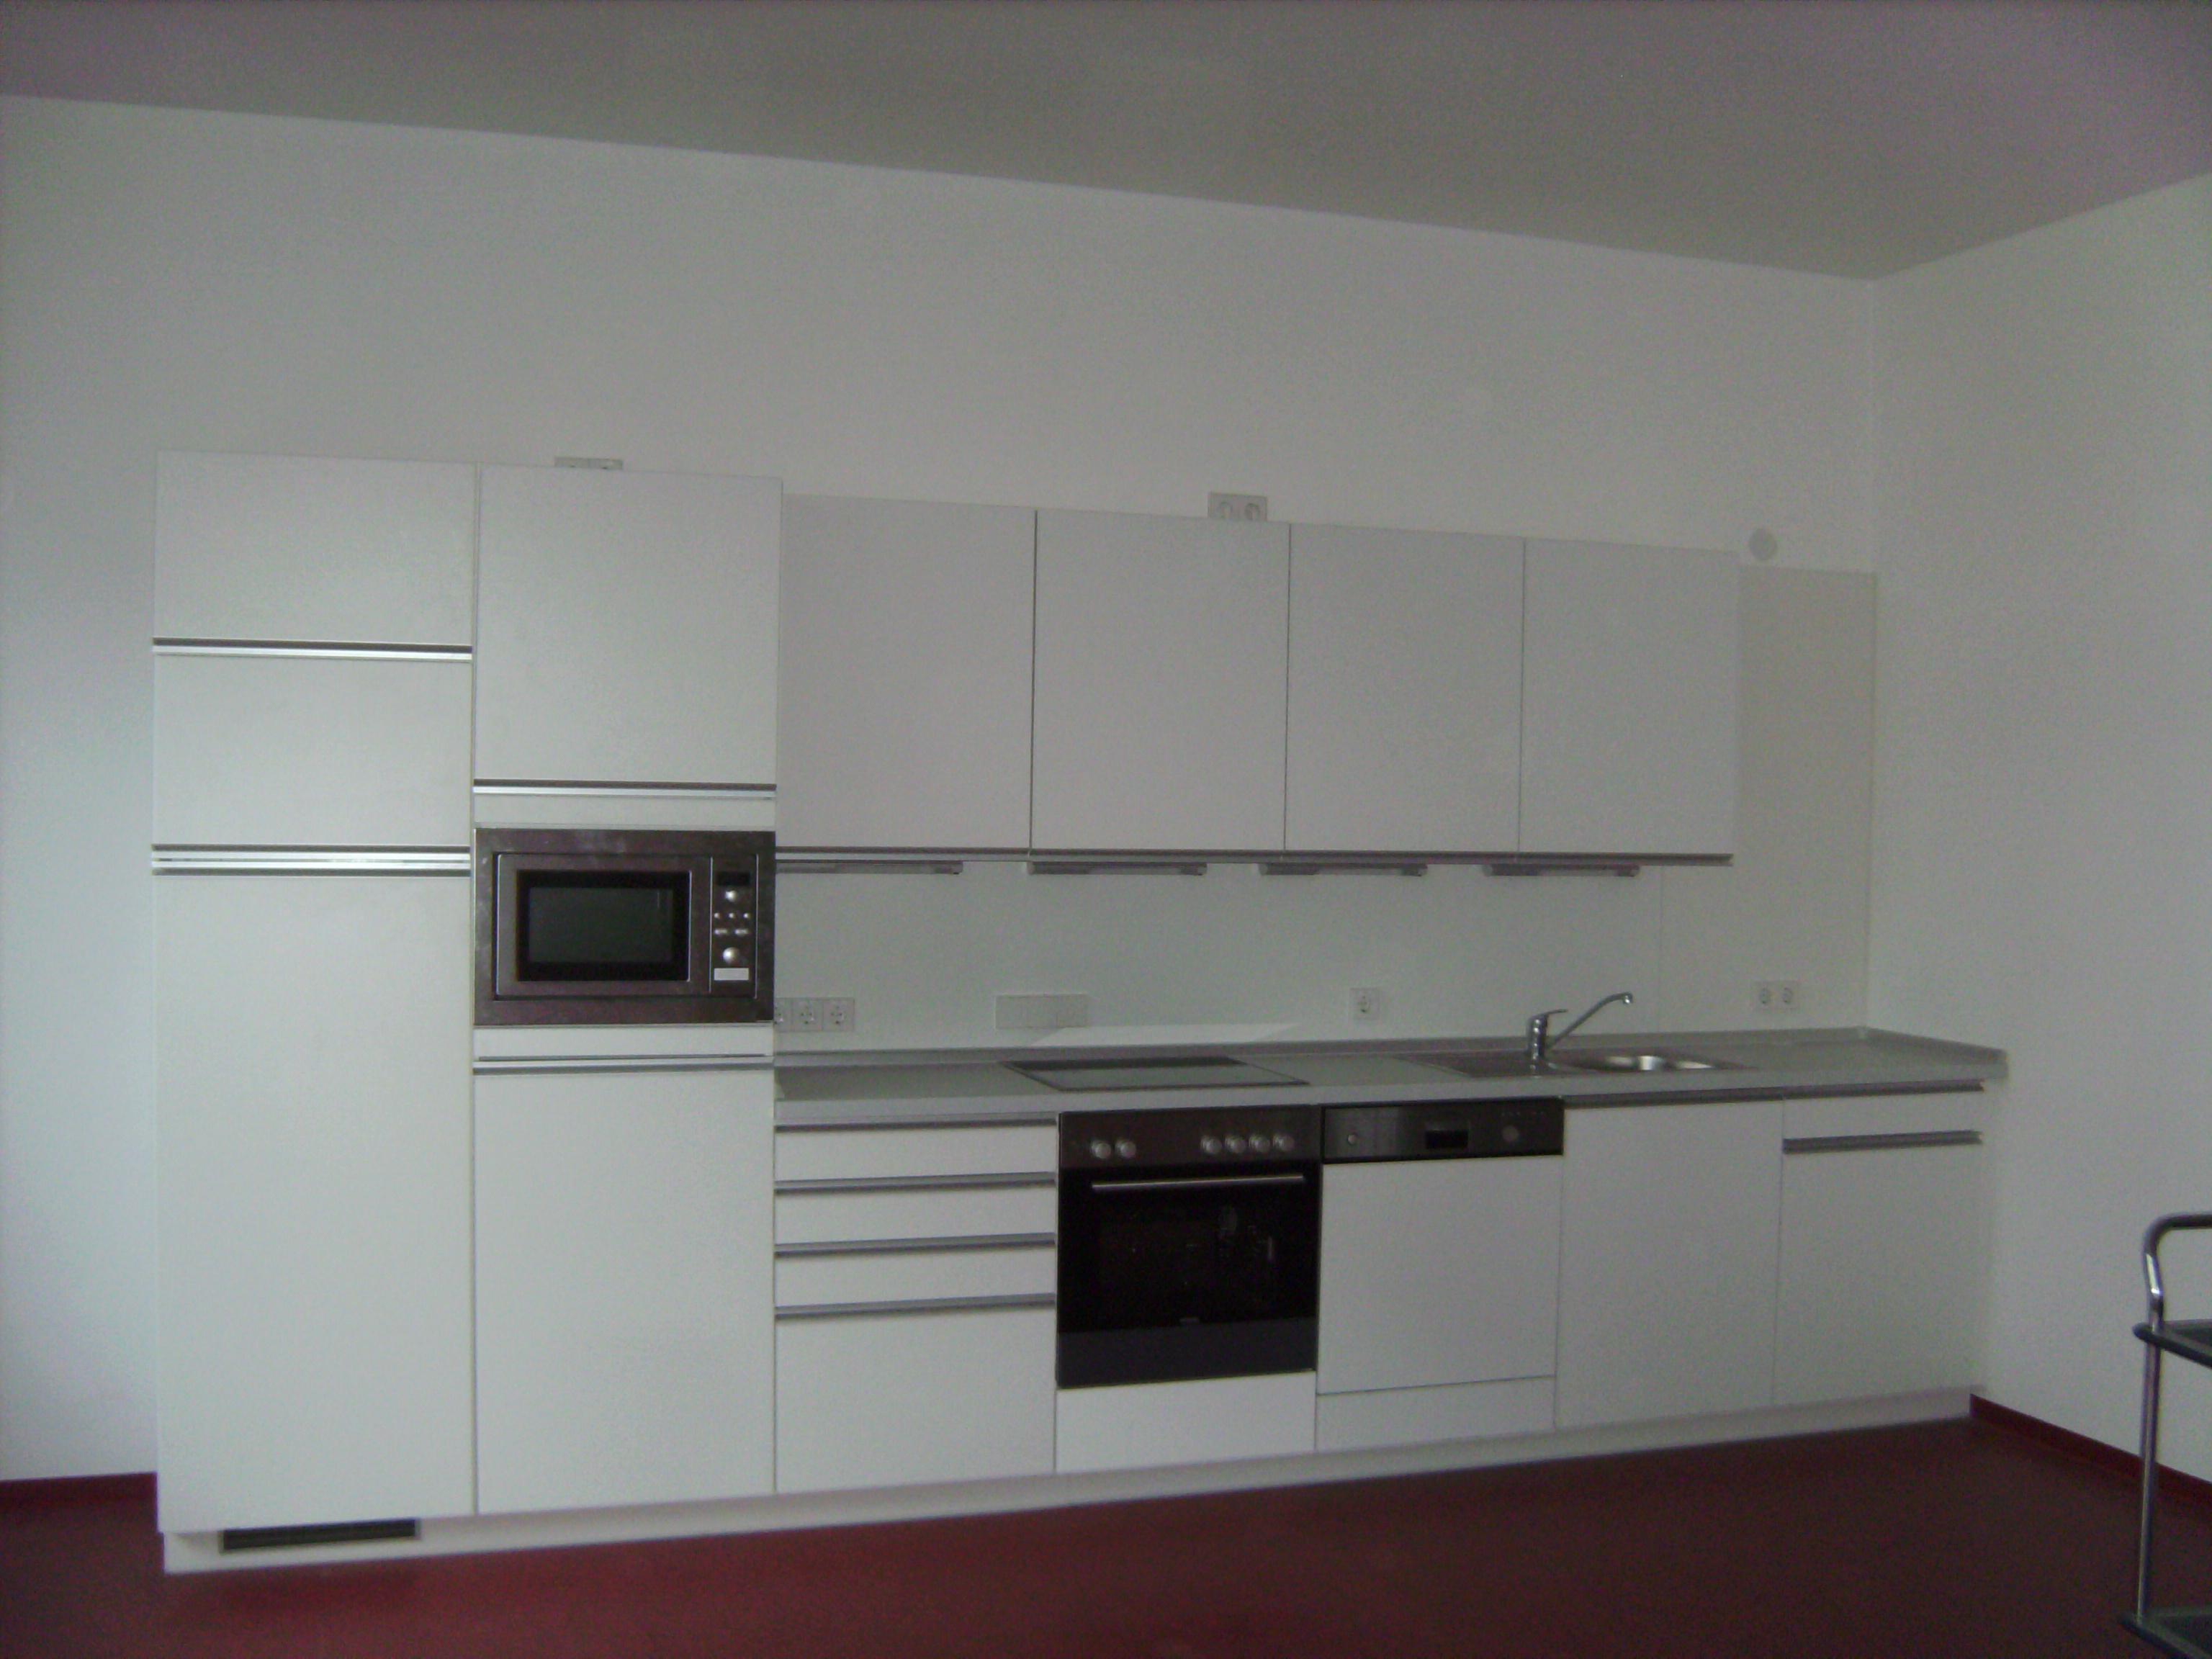 Küchenzeile in weiß mit integrierten Griffleisten, Mikro,